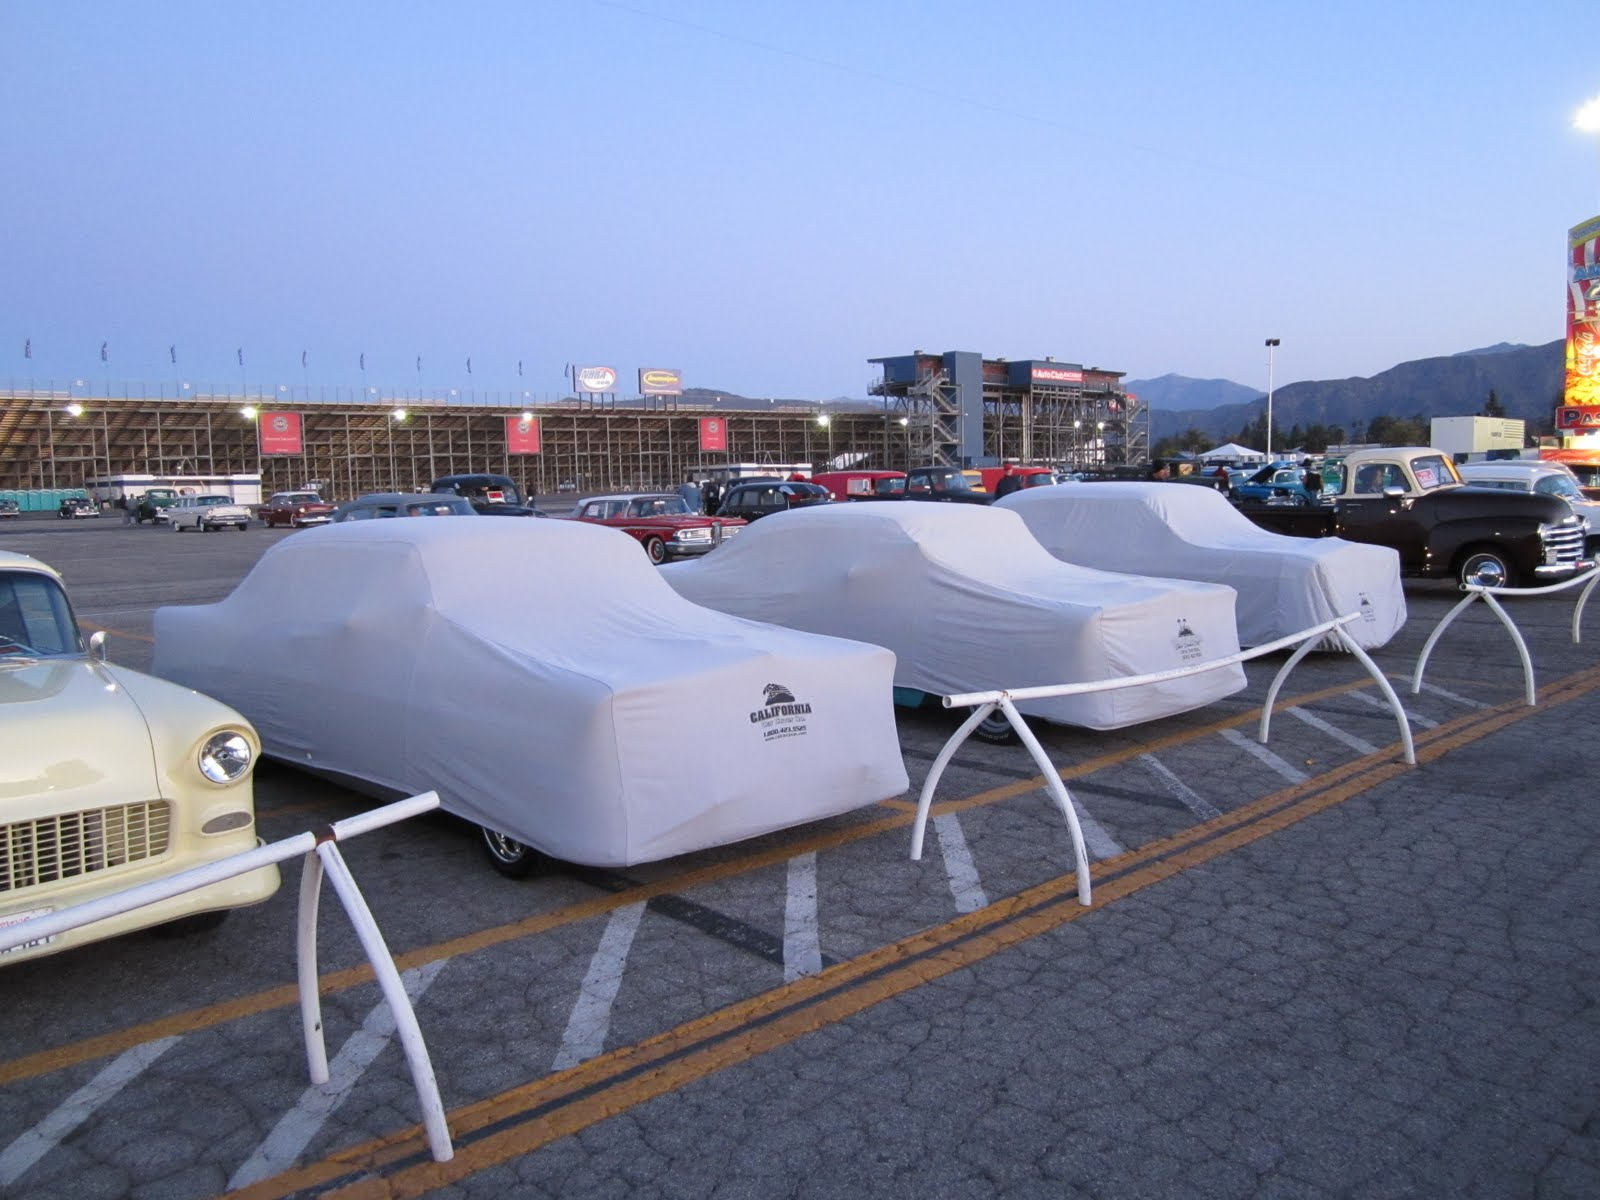 Pomona Swap Meet And Motor Toys Car Show Cars Blog - Show car cover